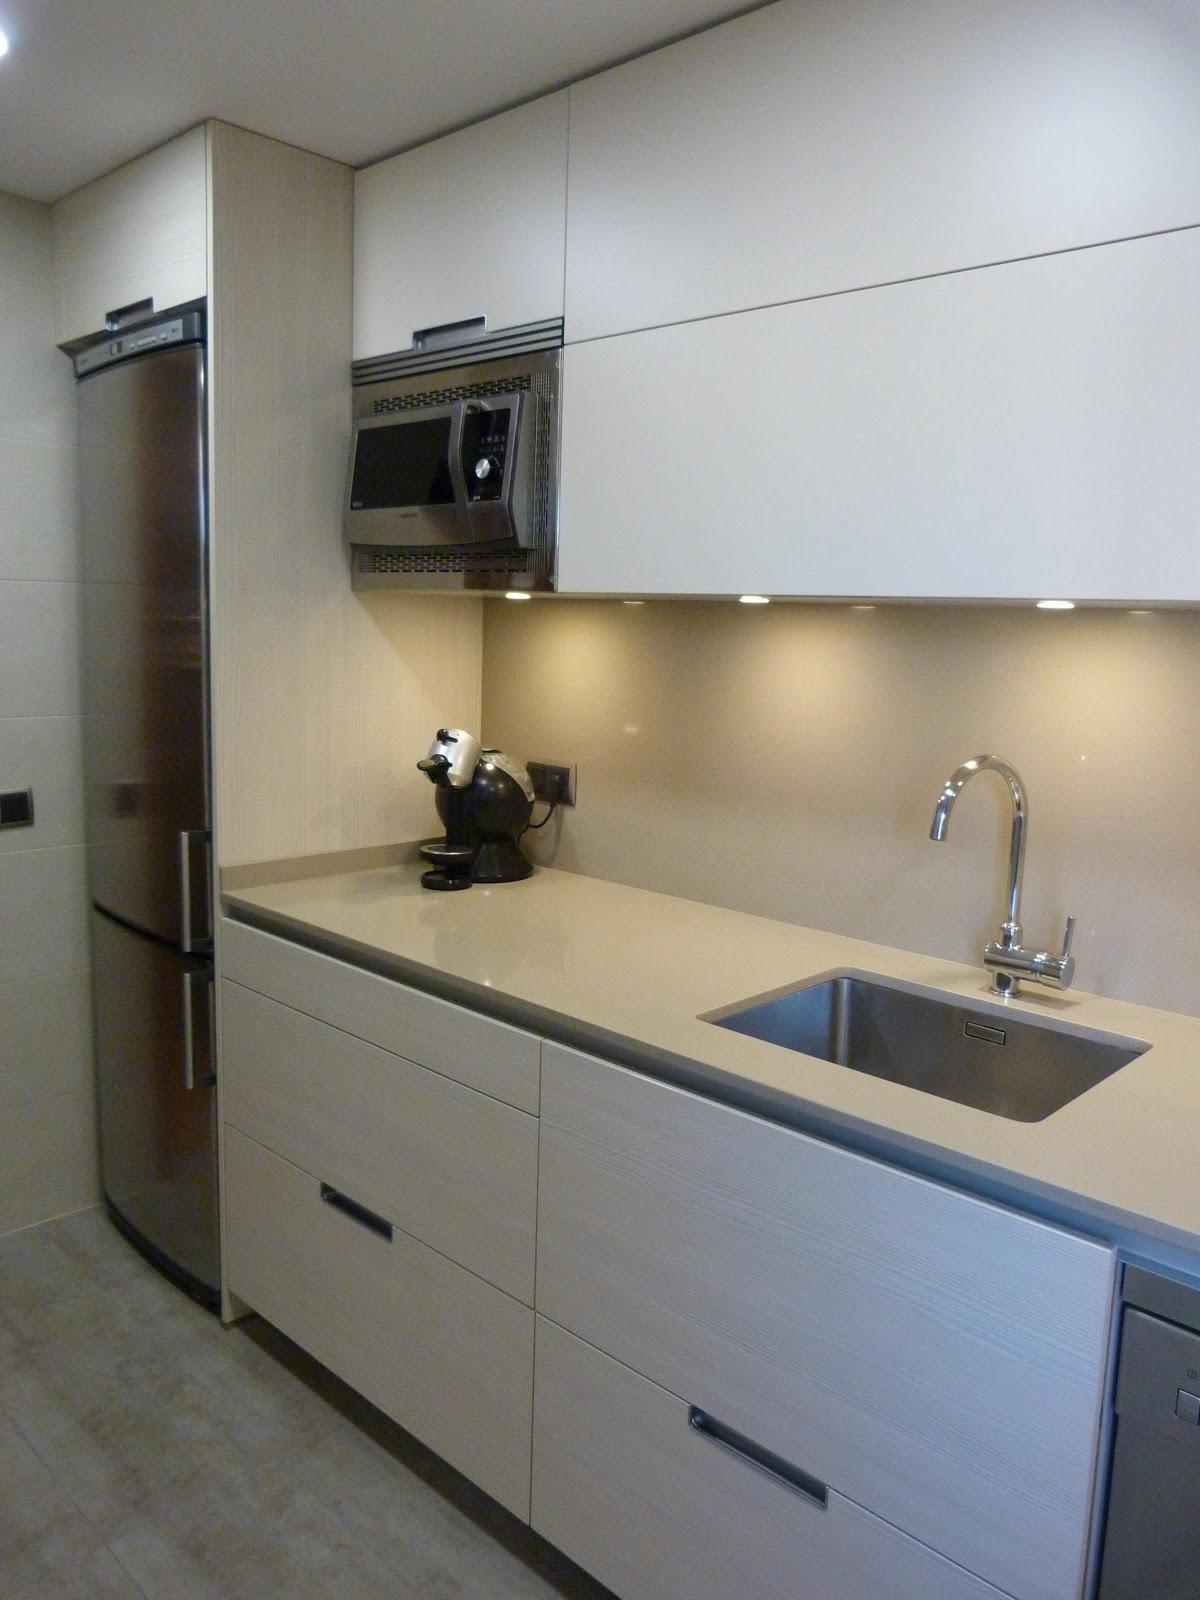 Hogar diez la reforma de una cocina peque a for Cocina 3 metros pared